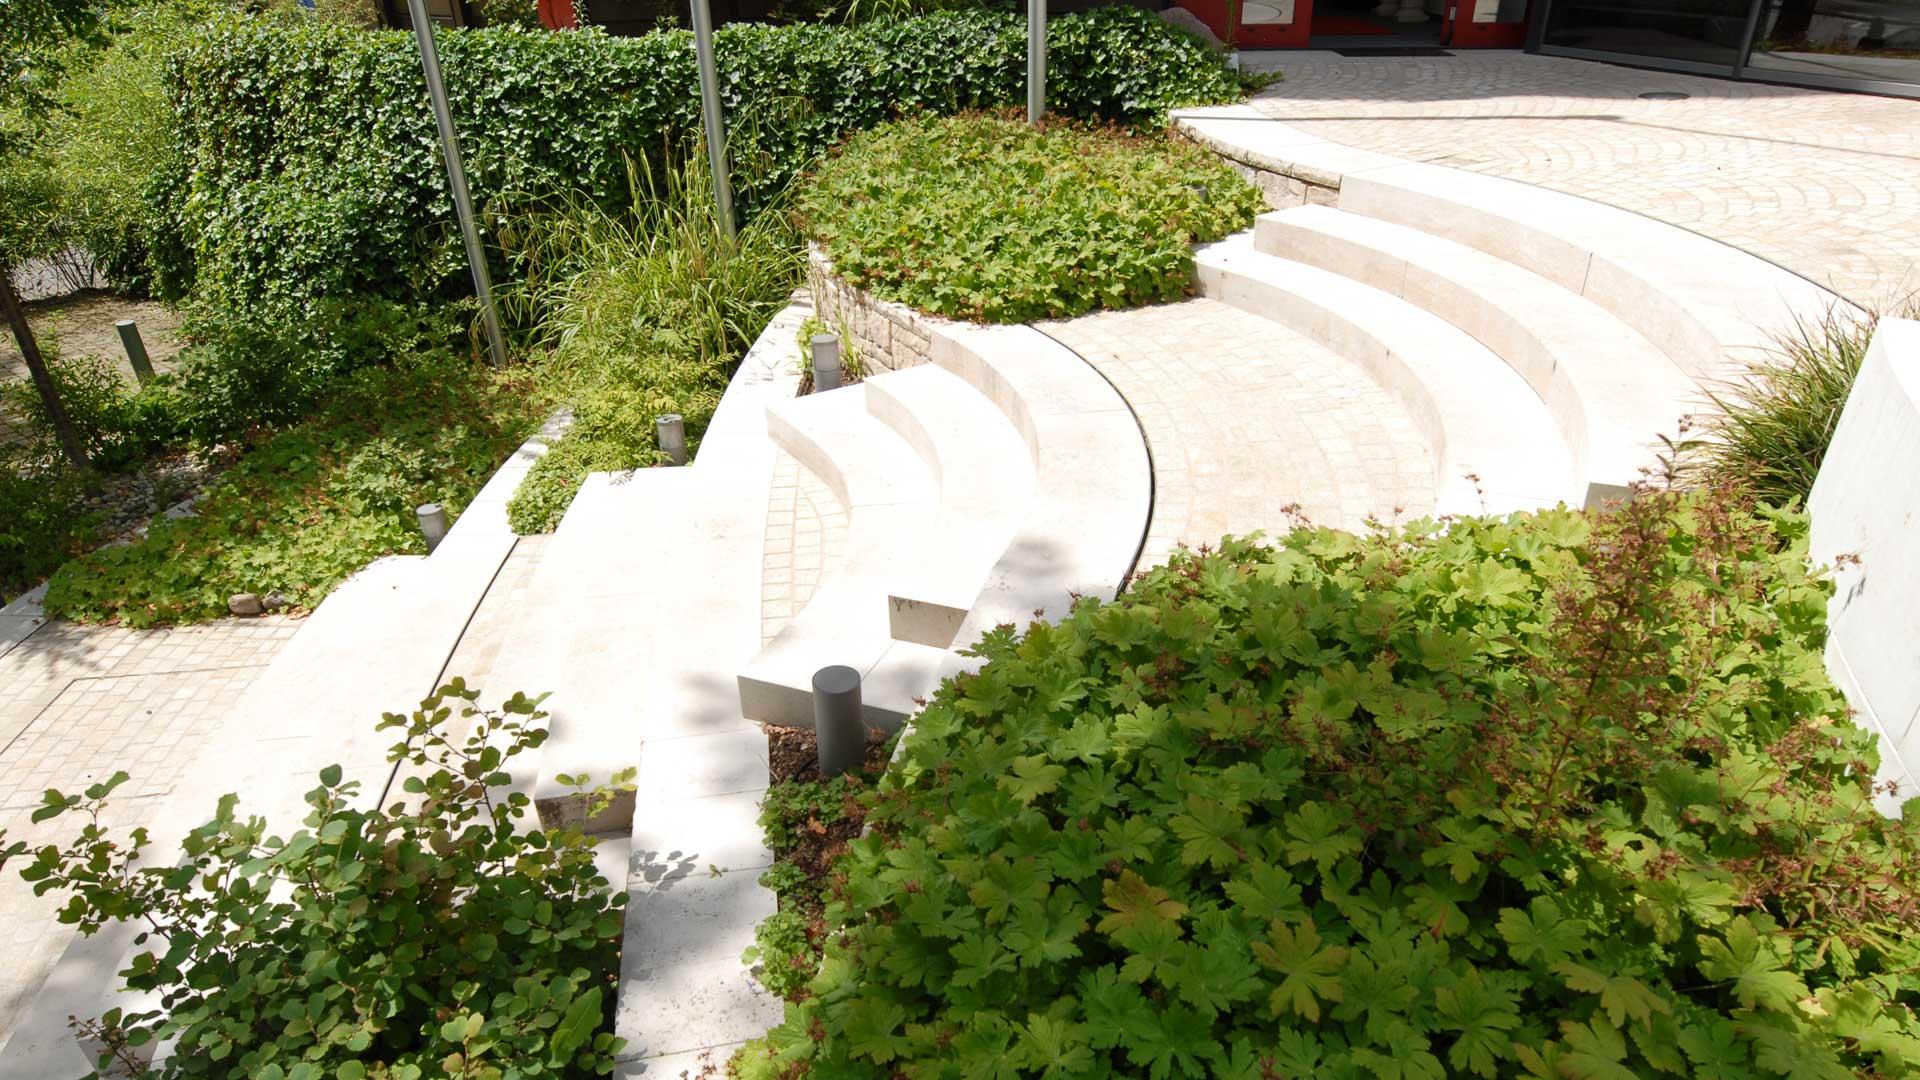 Geschwungene Treppenstufen gestaltet nach Feng Shui im Außenbereich eines Bürogebäudes geplant vom Architekturbüro atelier8 in Frankfurt